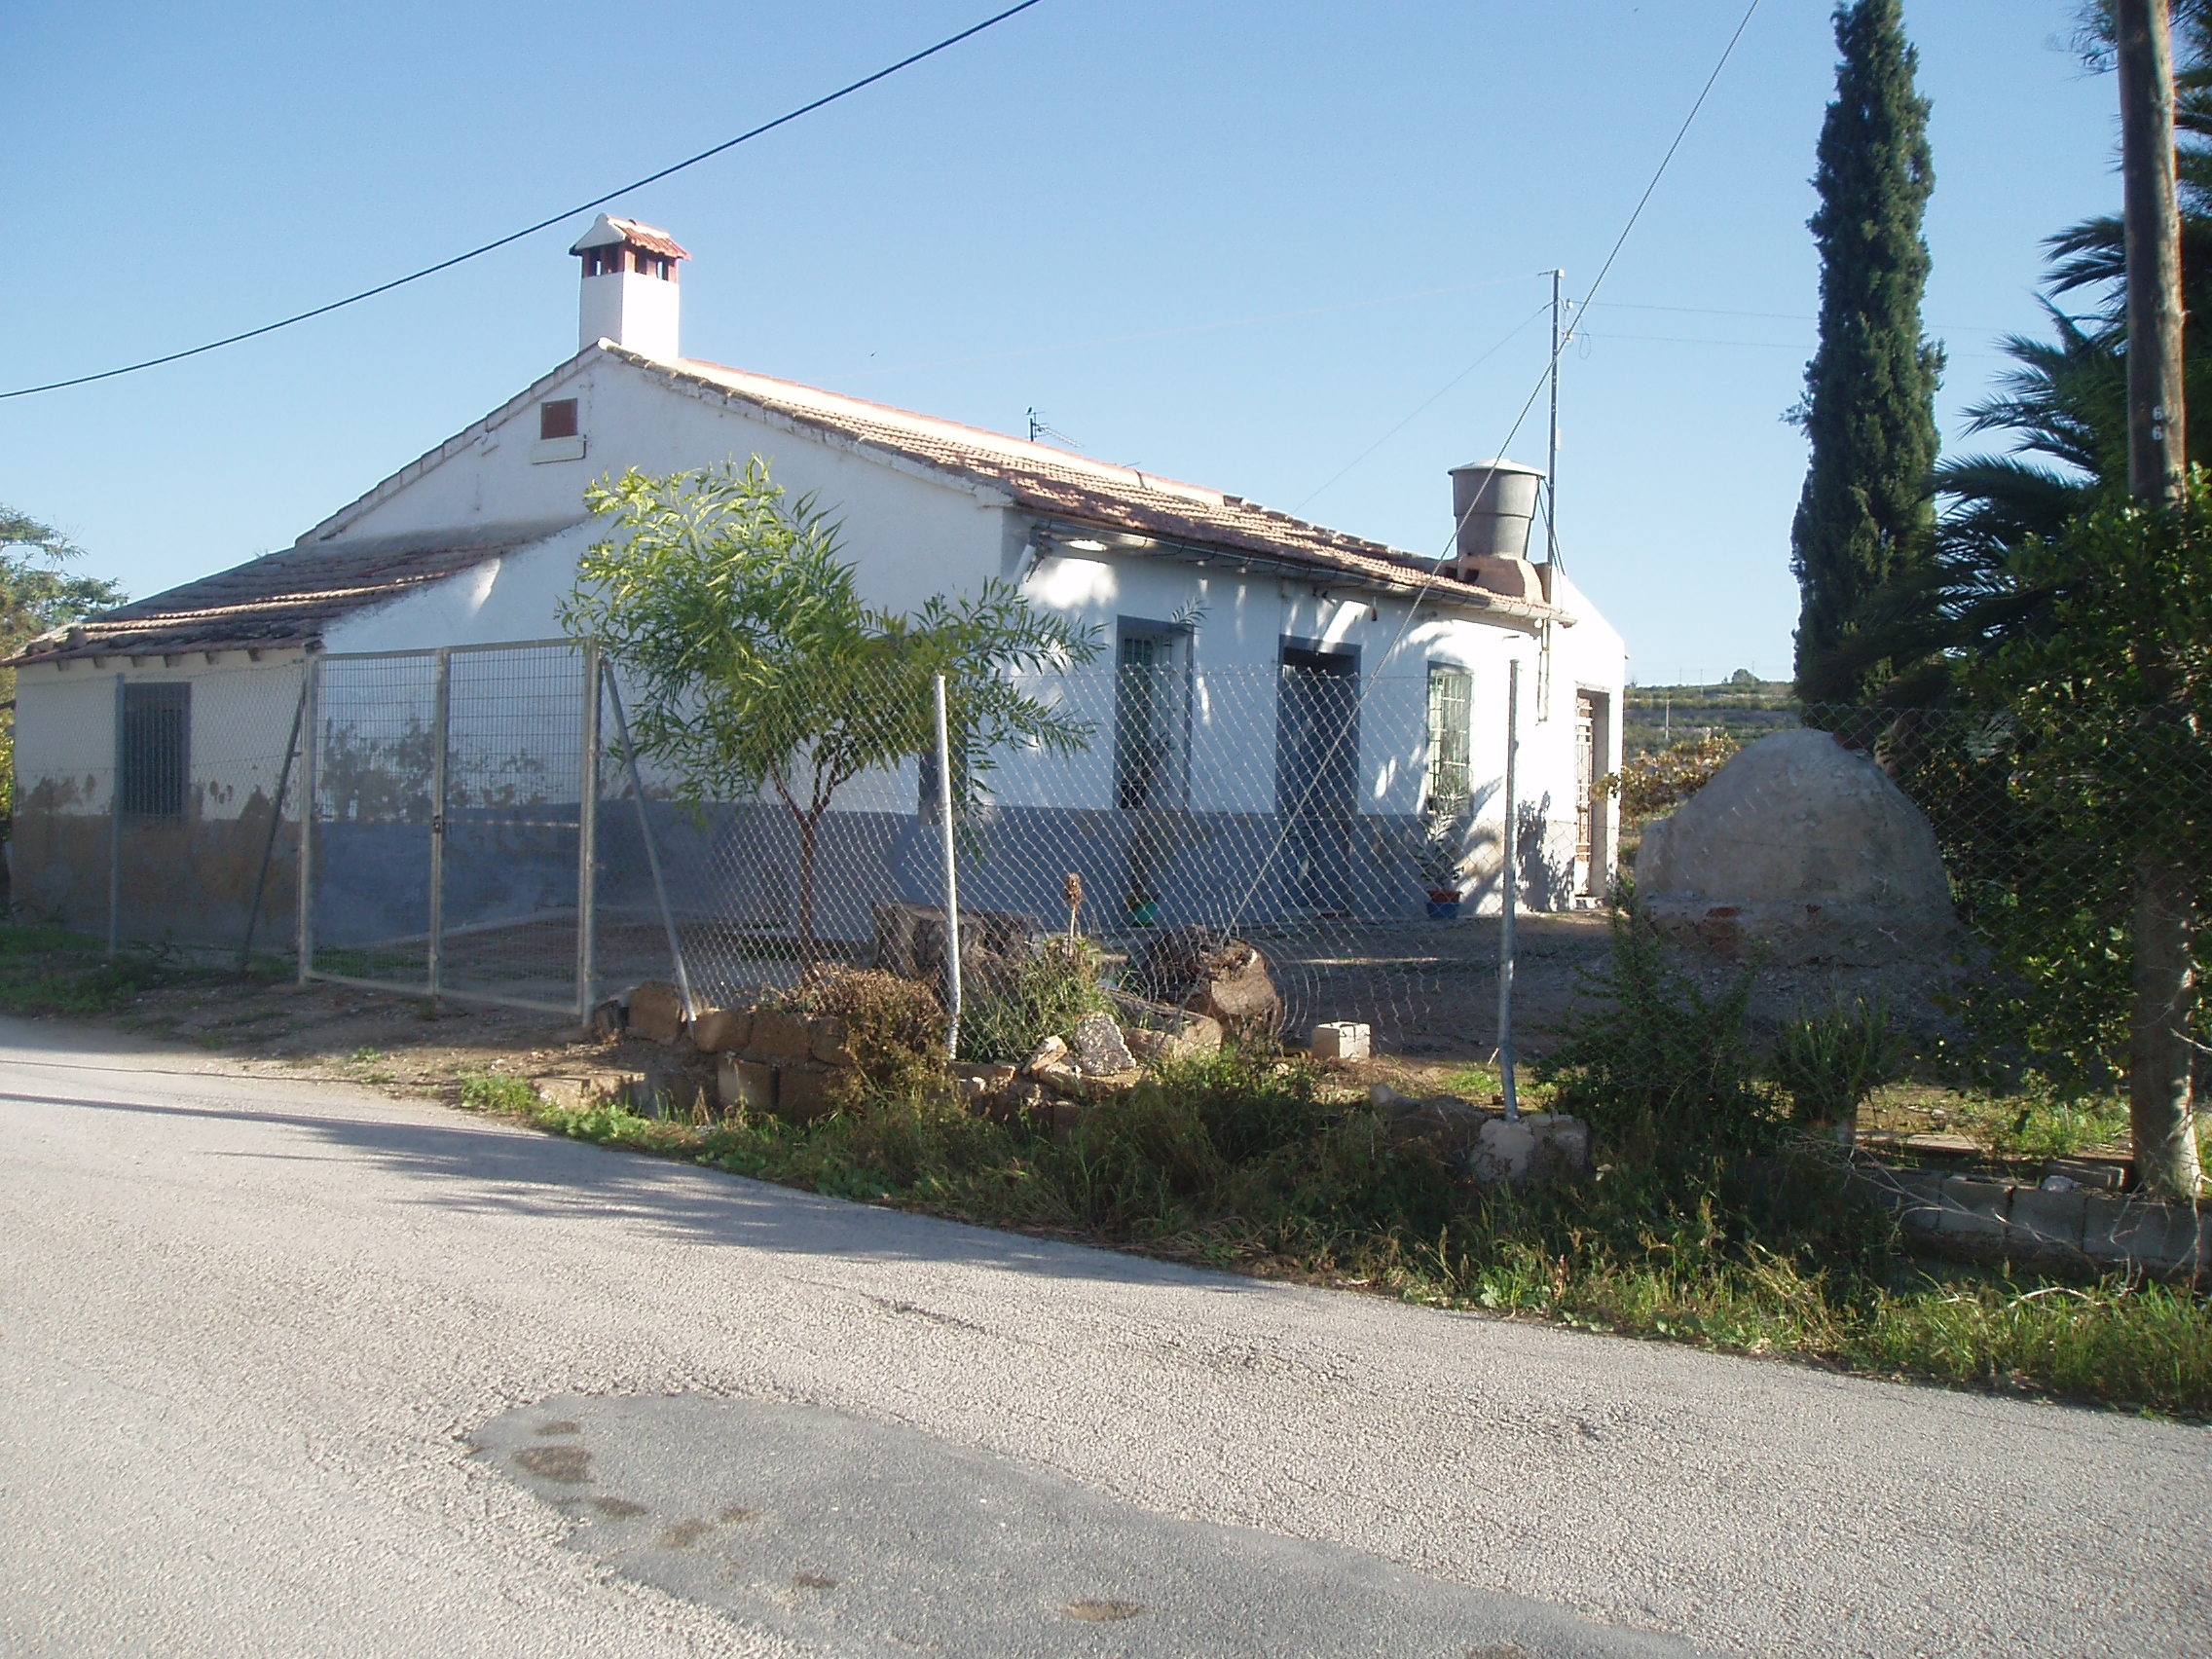 Venda casa de campo alicante alicante espanha la matanza - Casas de campo en alicante ...